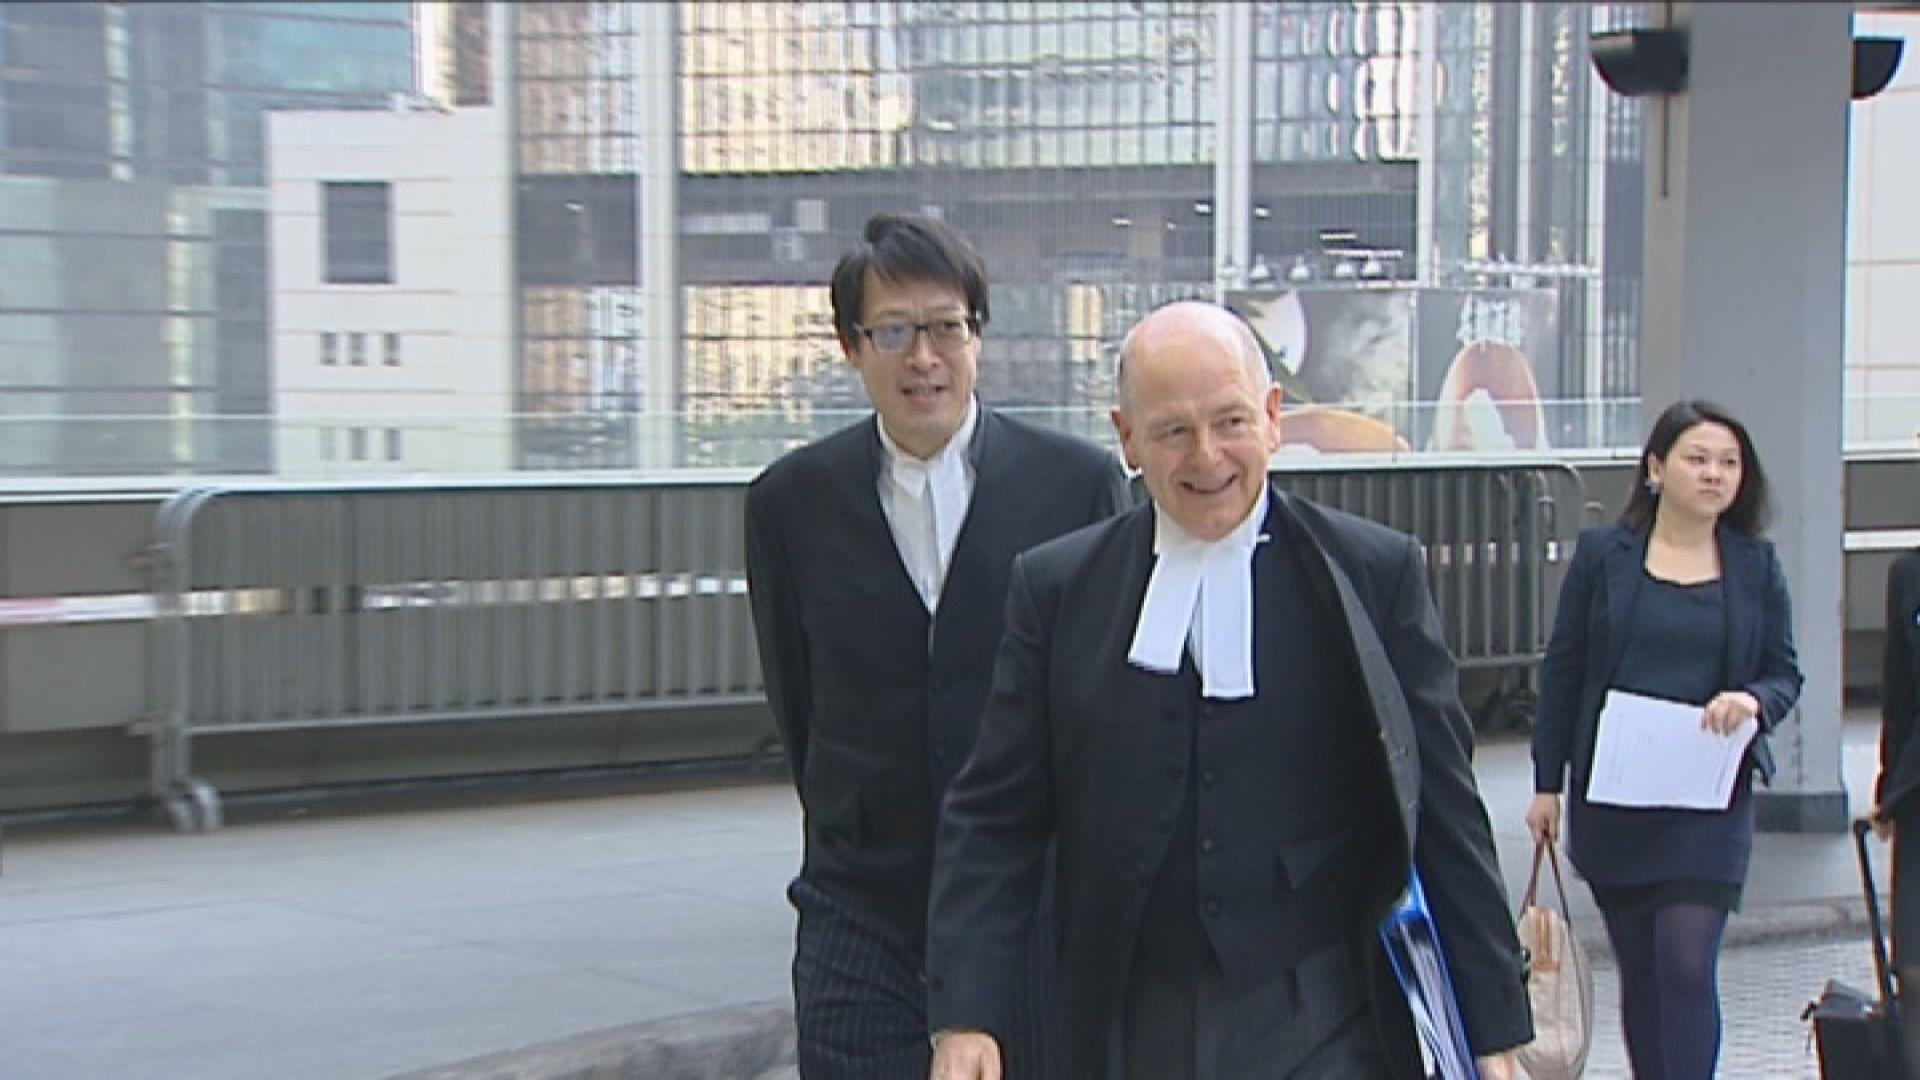 律政司:已委聘新主控處理黎智英等維園非法集結案